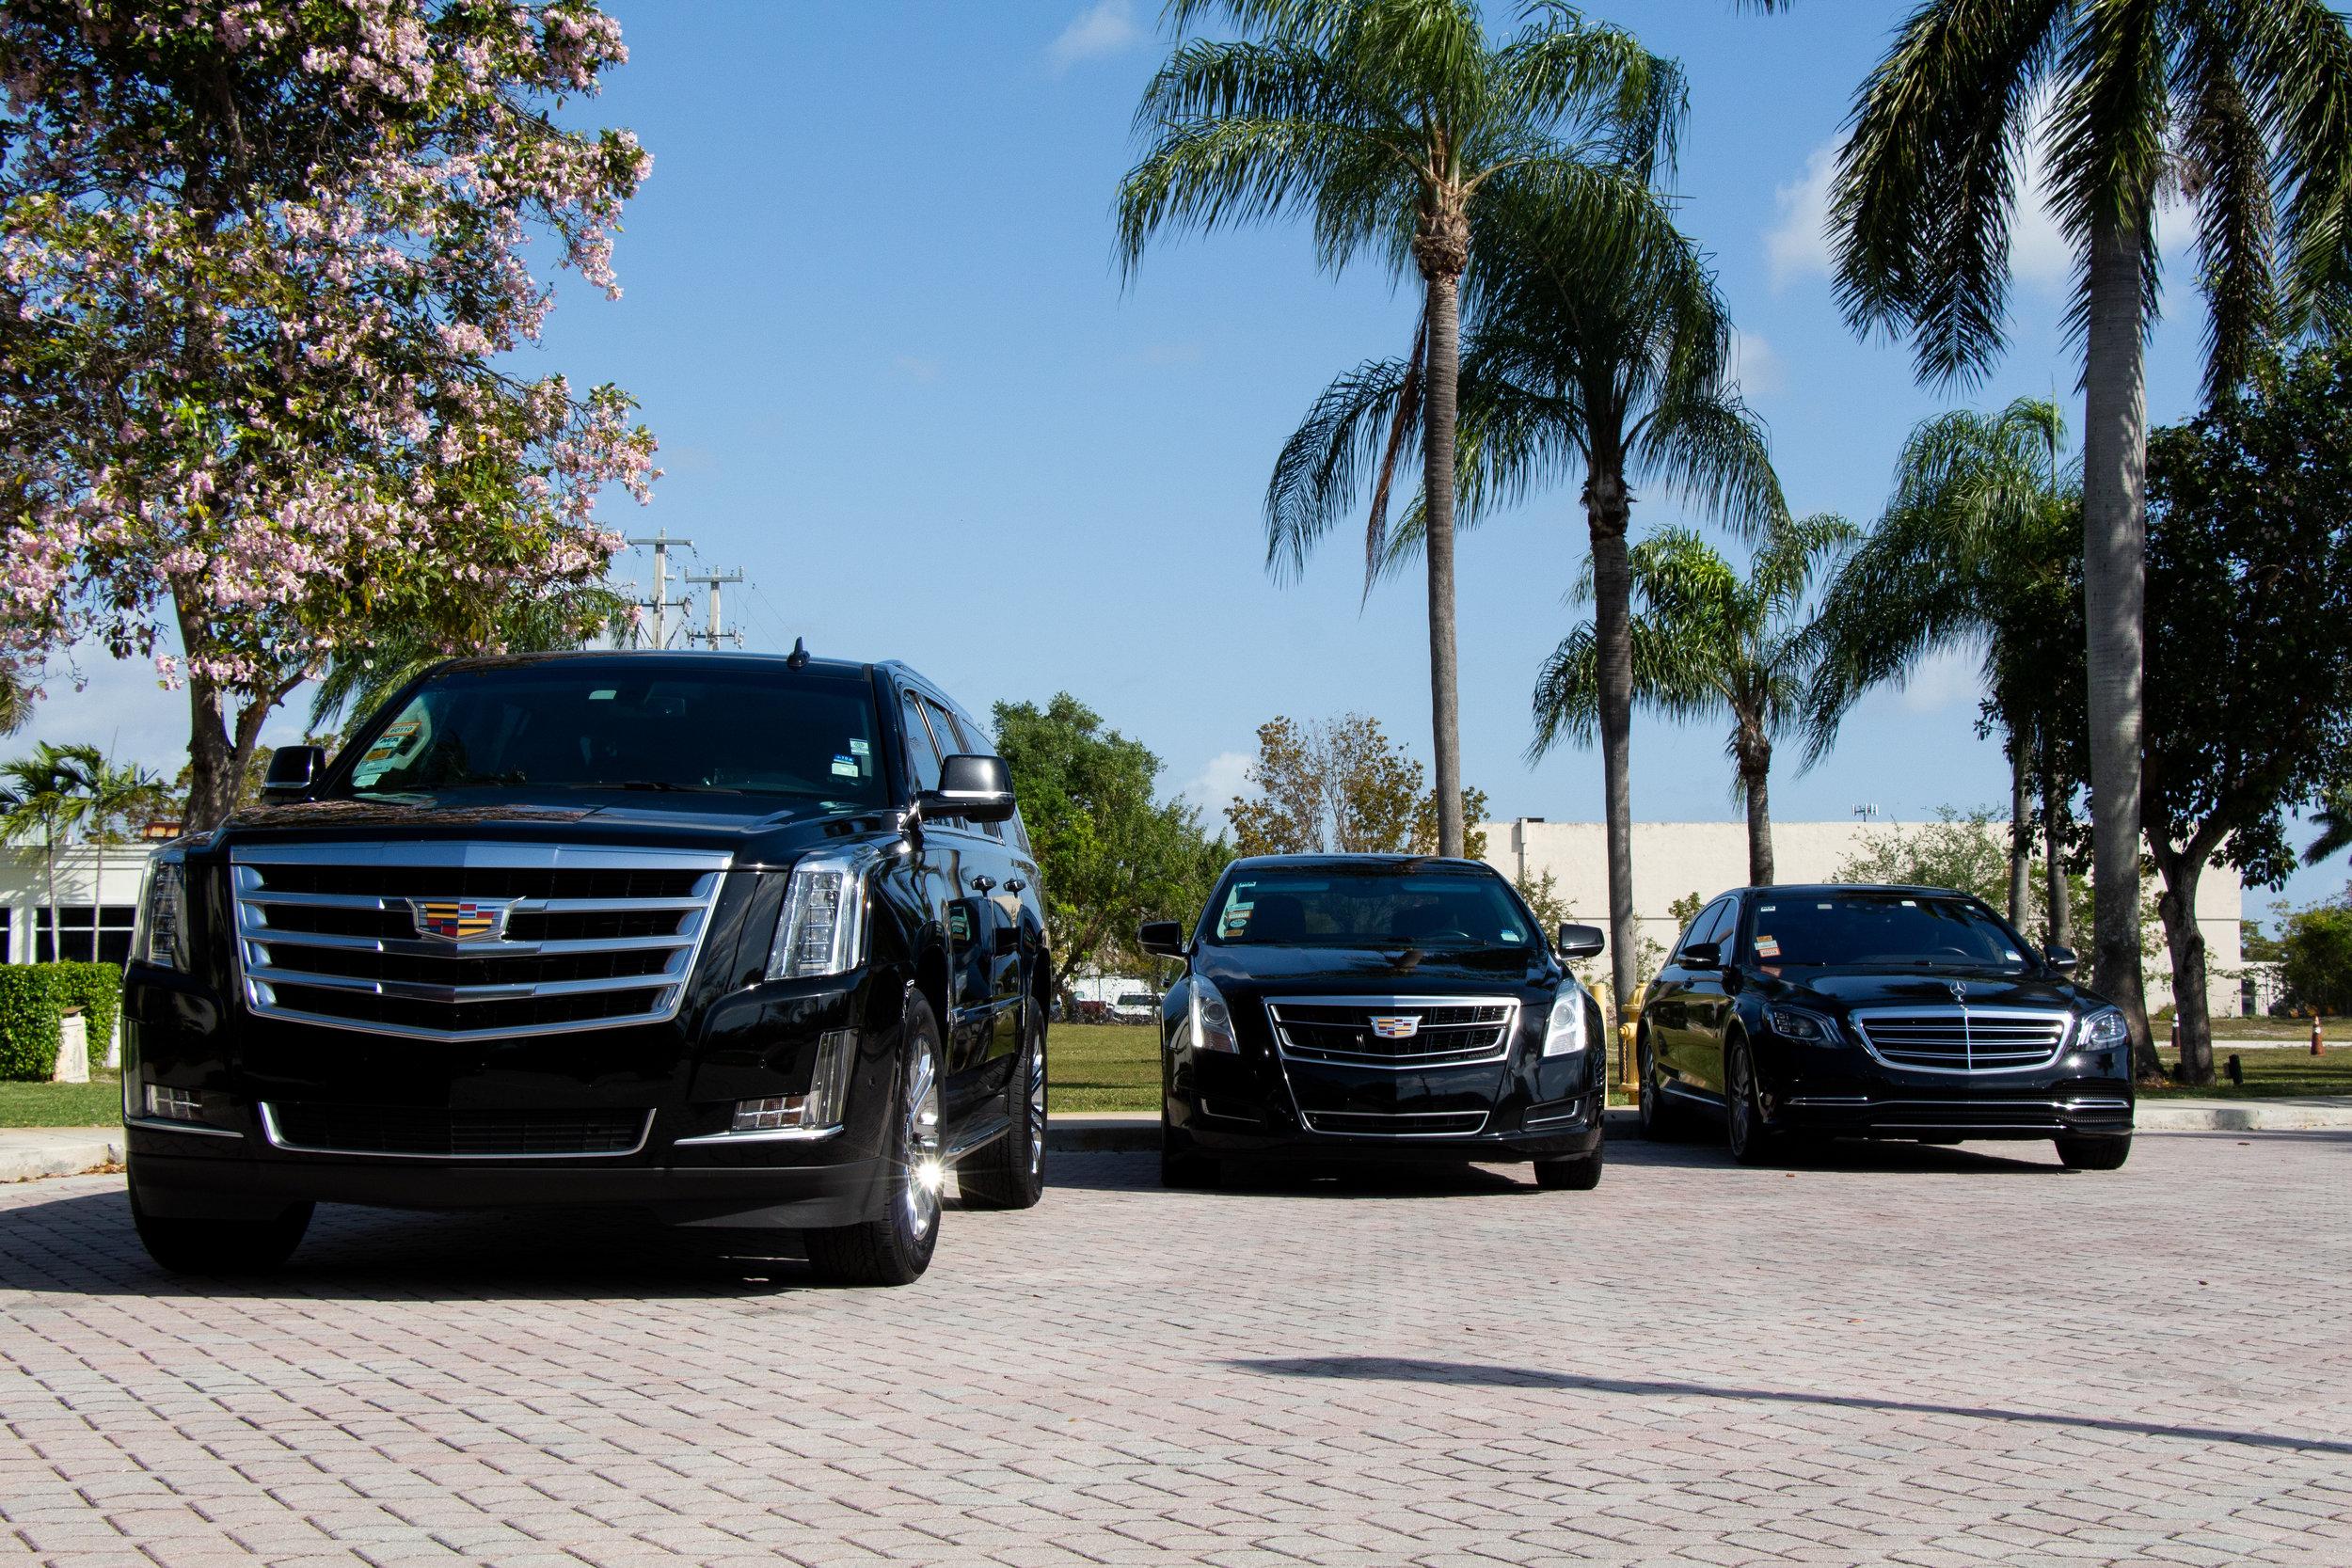 Cadillac Escalade ESV, Cadillac XTS, and Mercedes E350